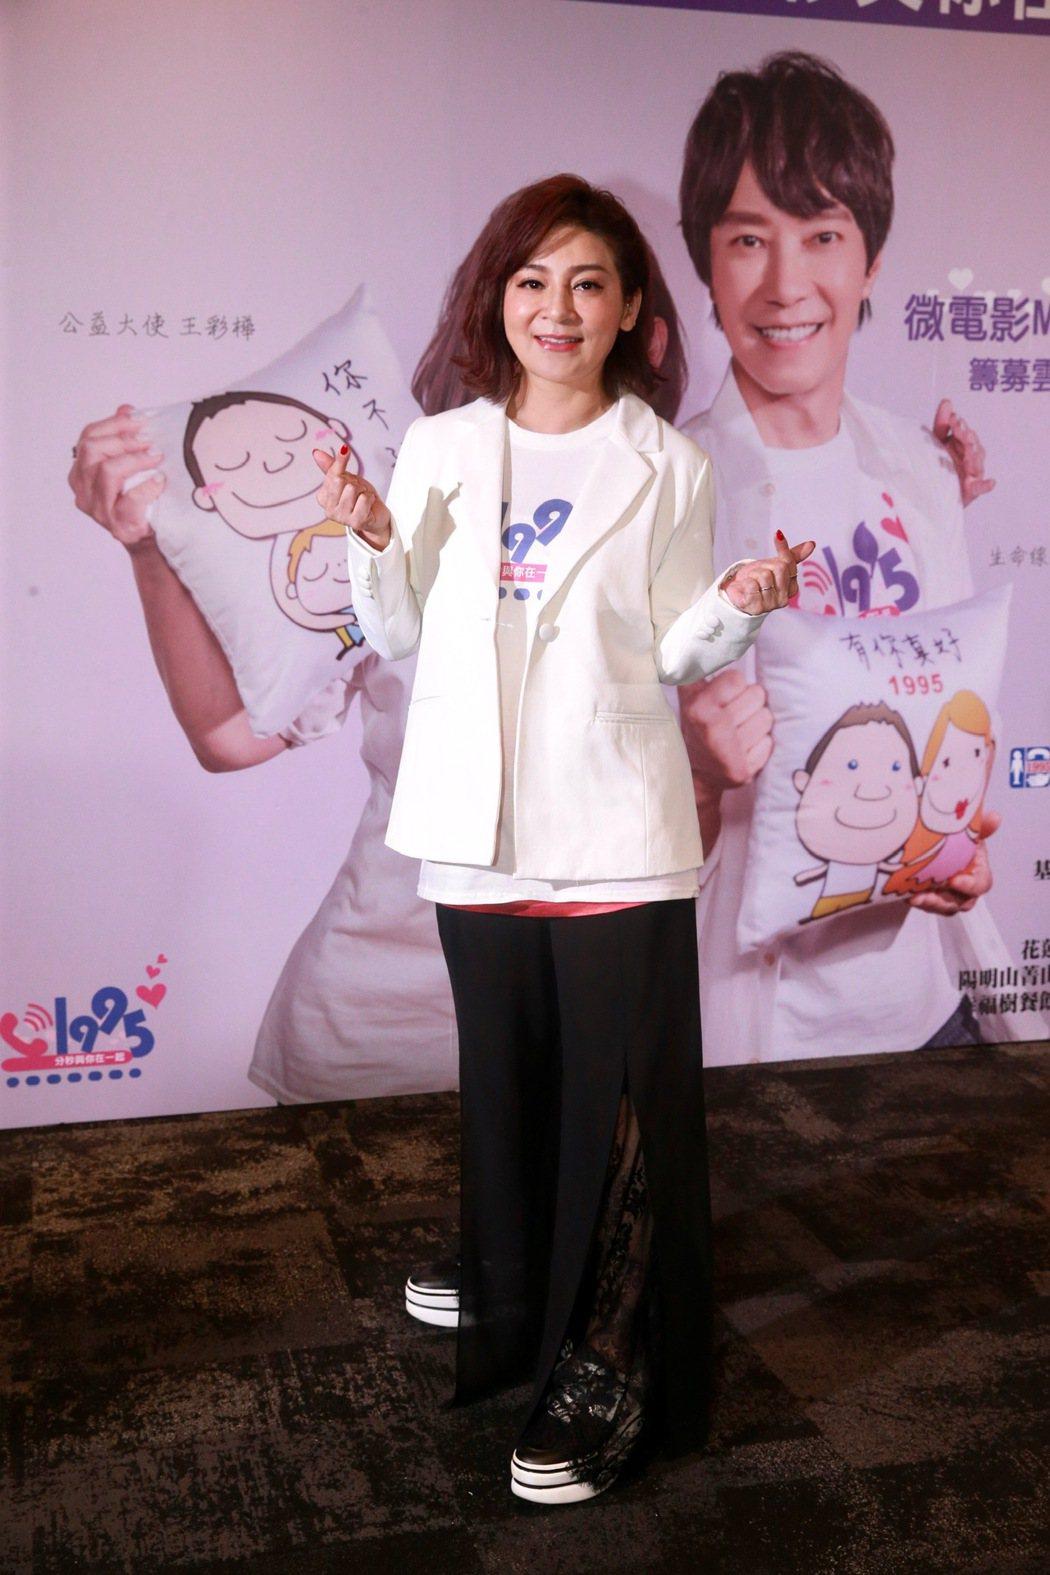 王彩樺拍攝「1995分秒與你在一起」生命線微電影。記者黃義書/攝影